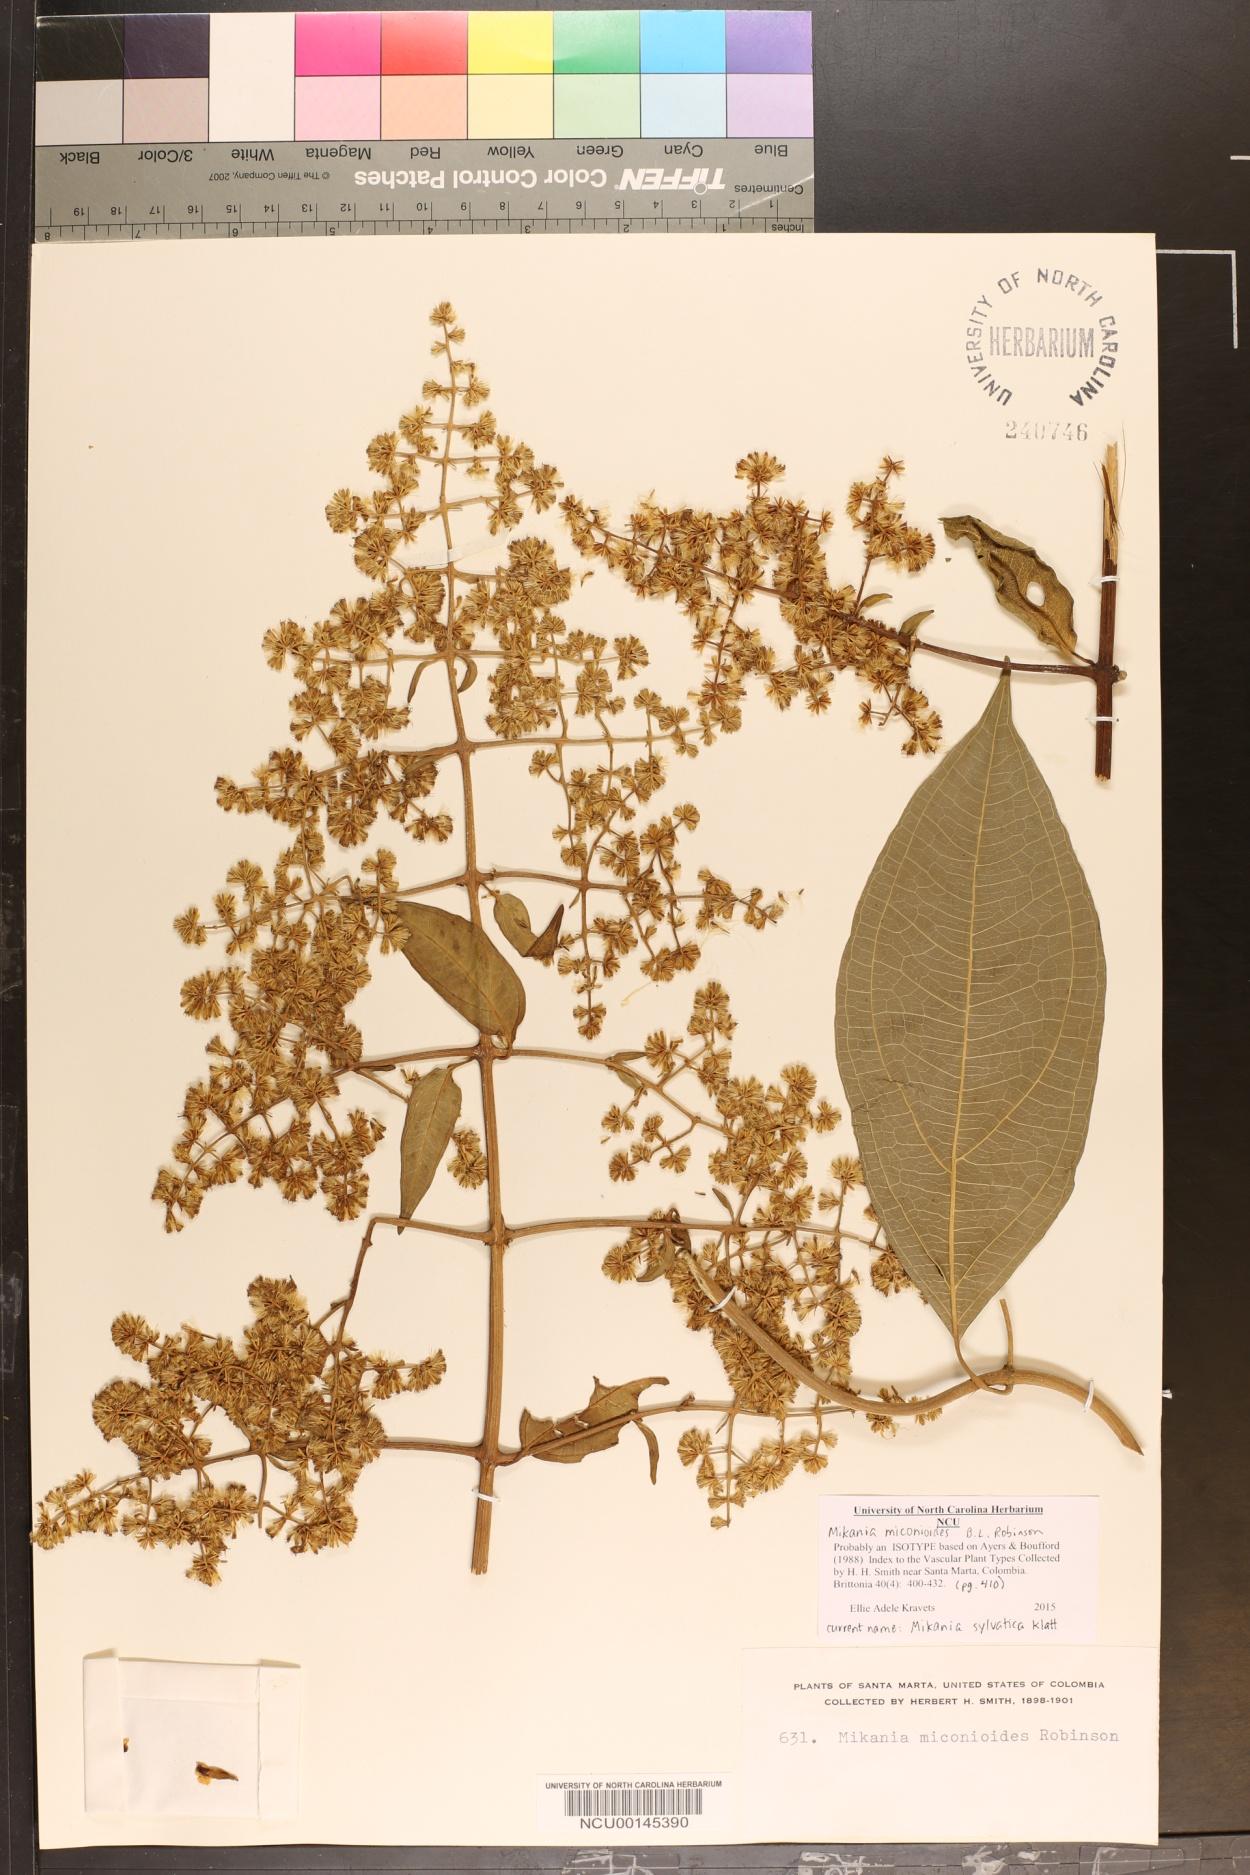 Mikania sylvatica image